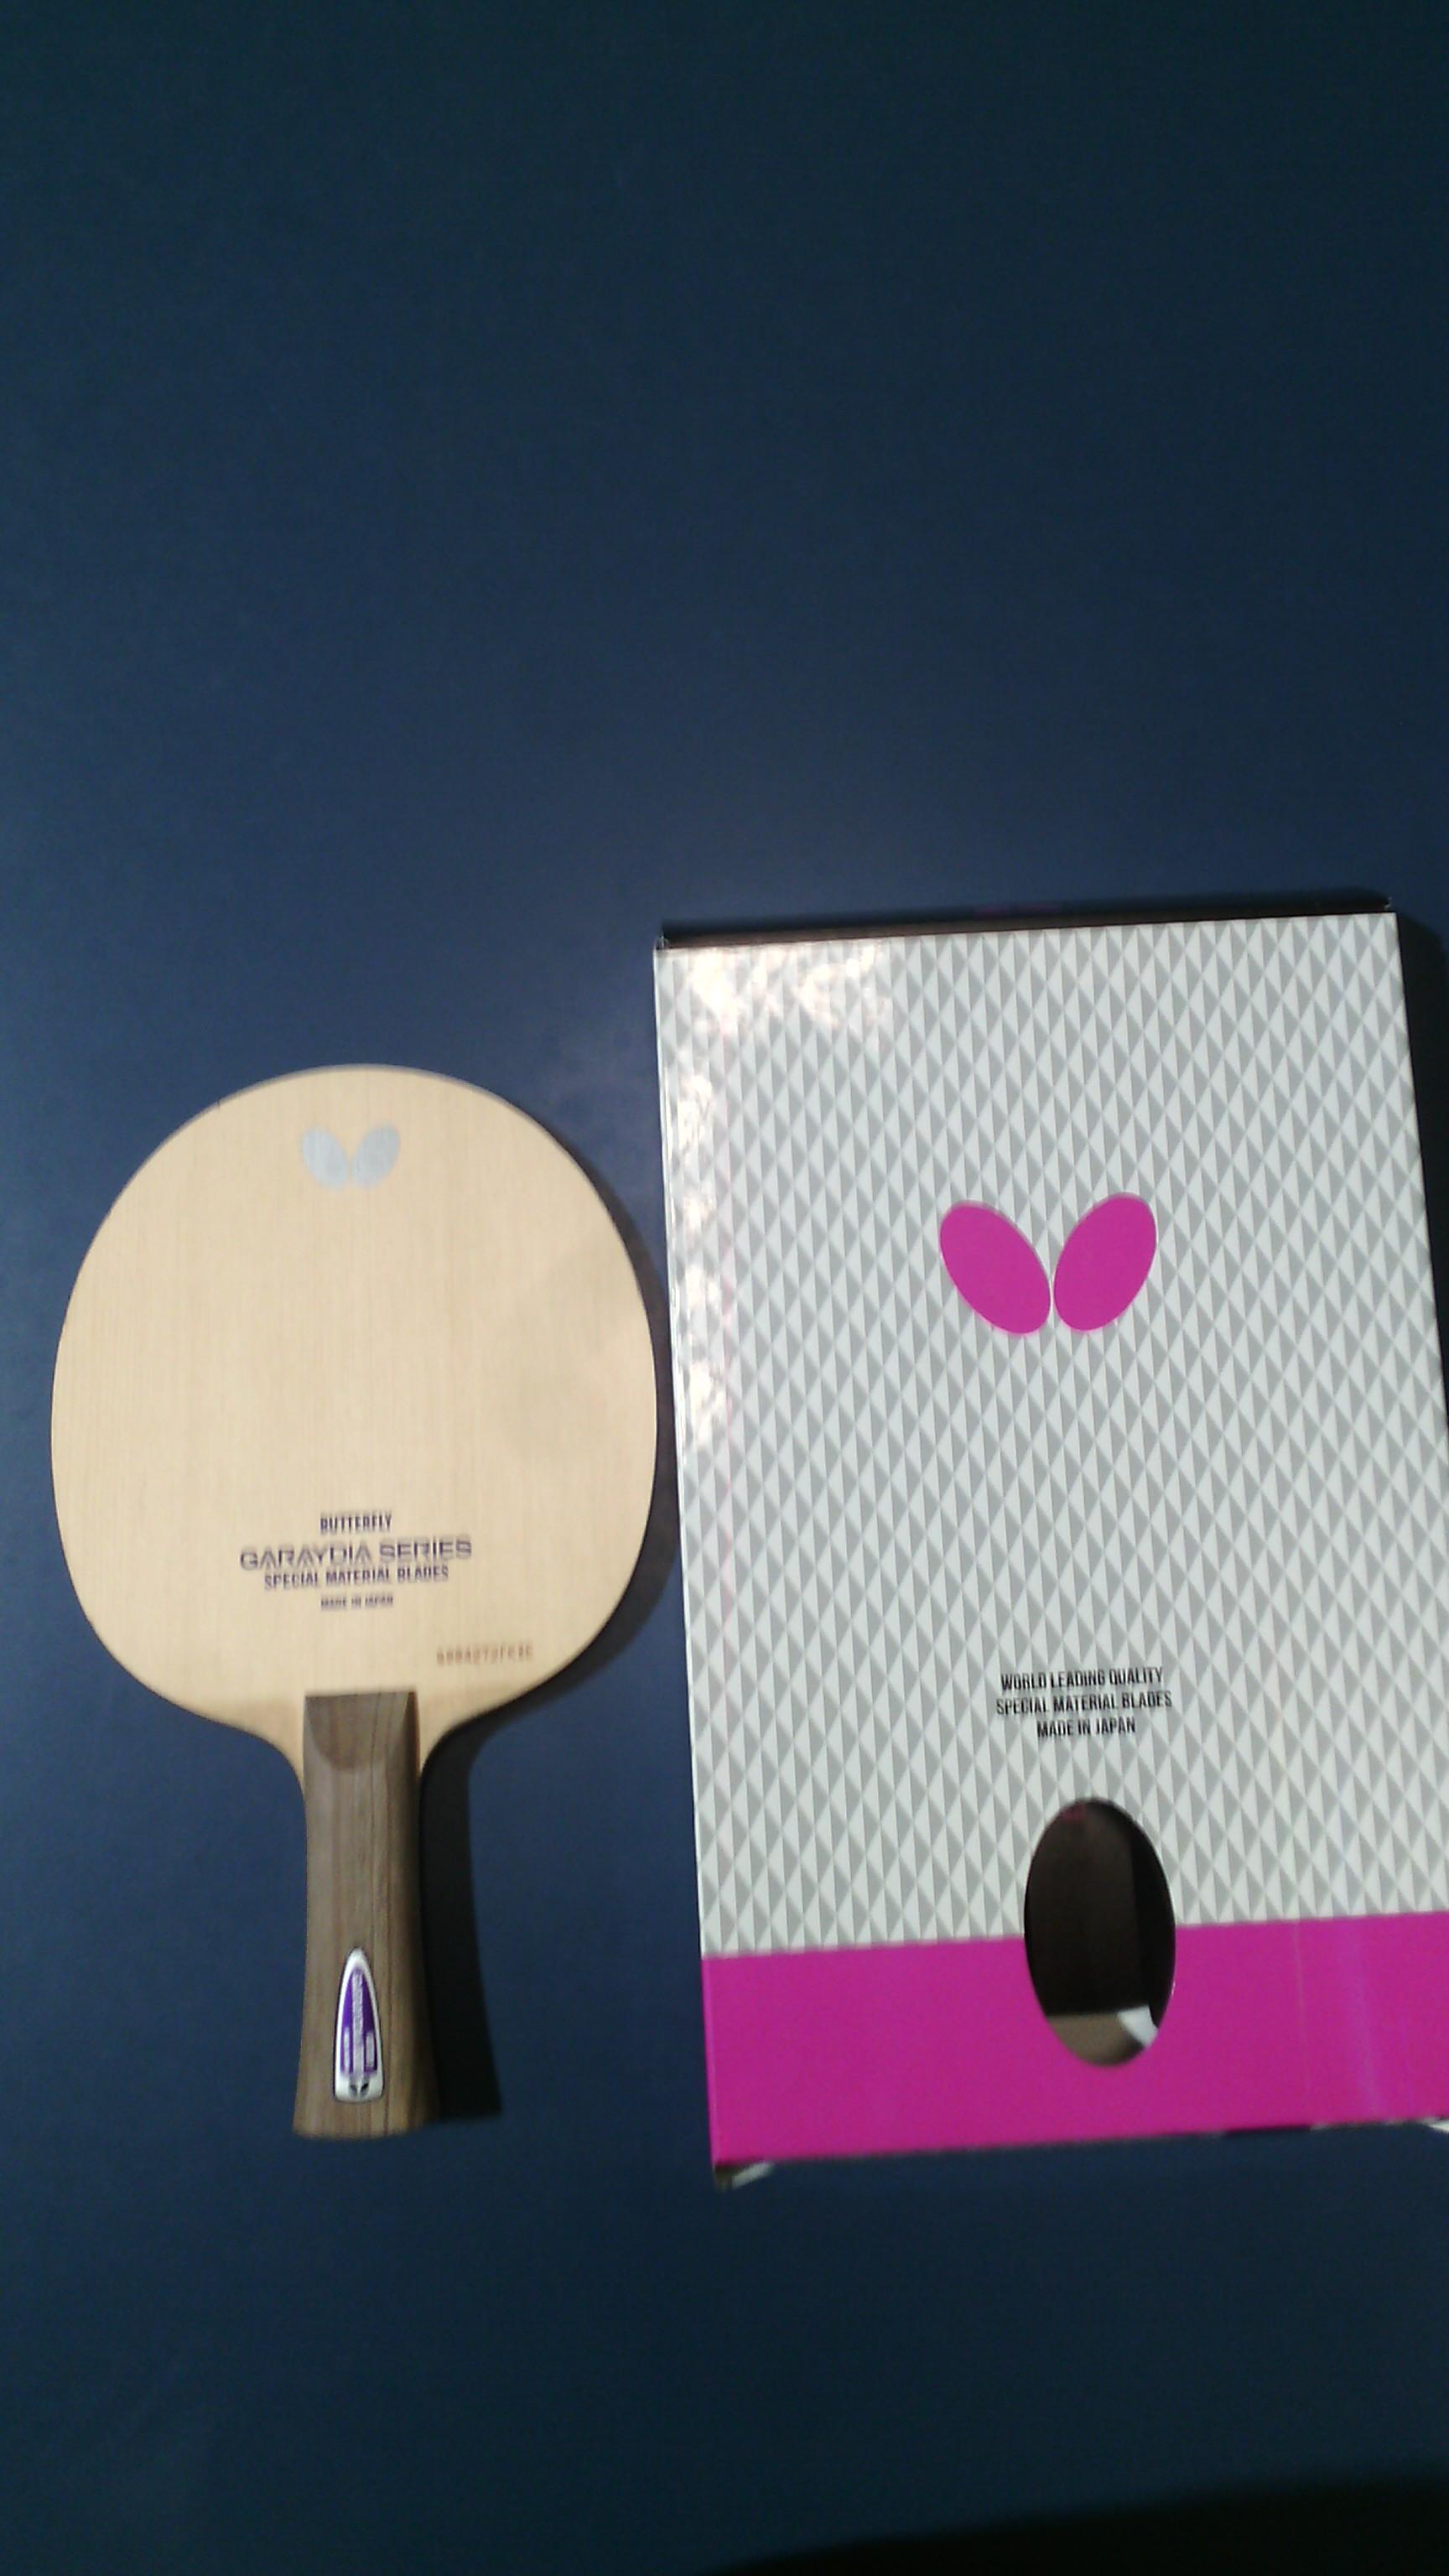 Продам основание Butterfly Garaydia T5000